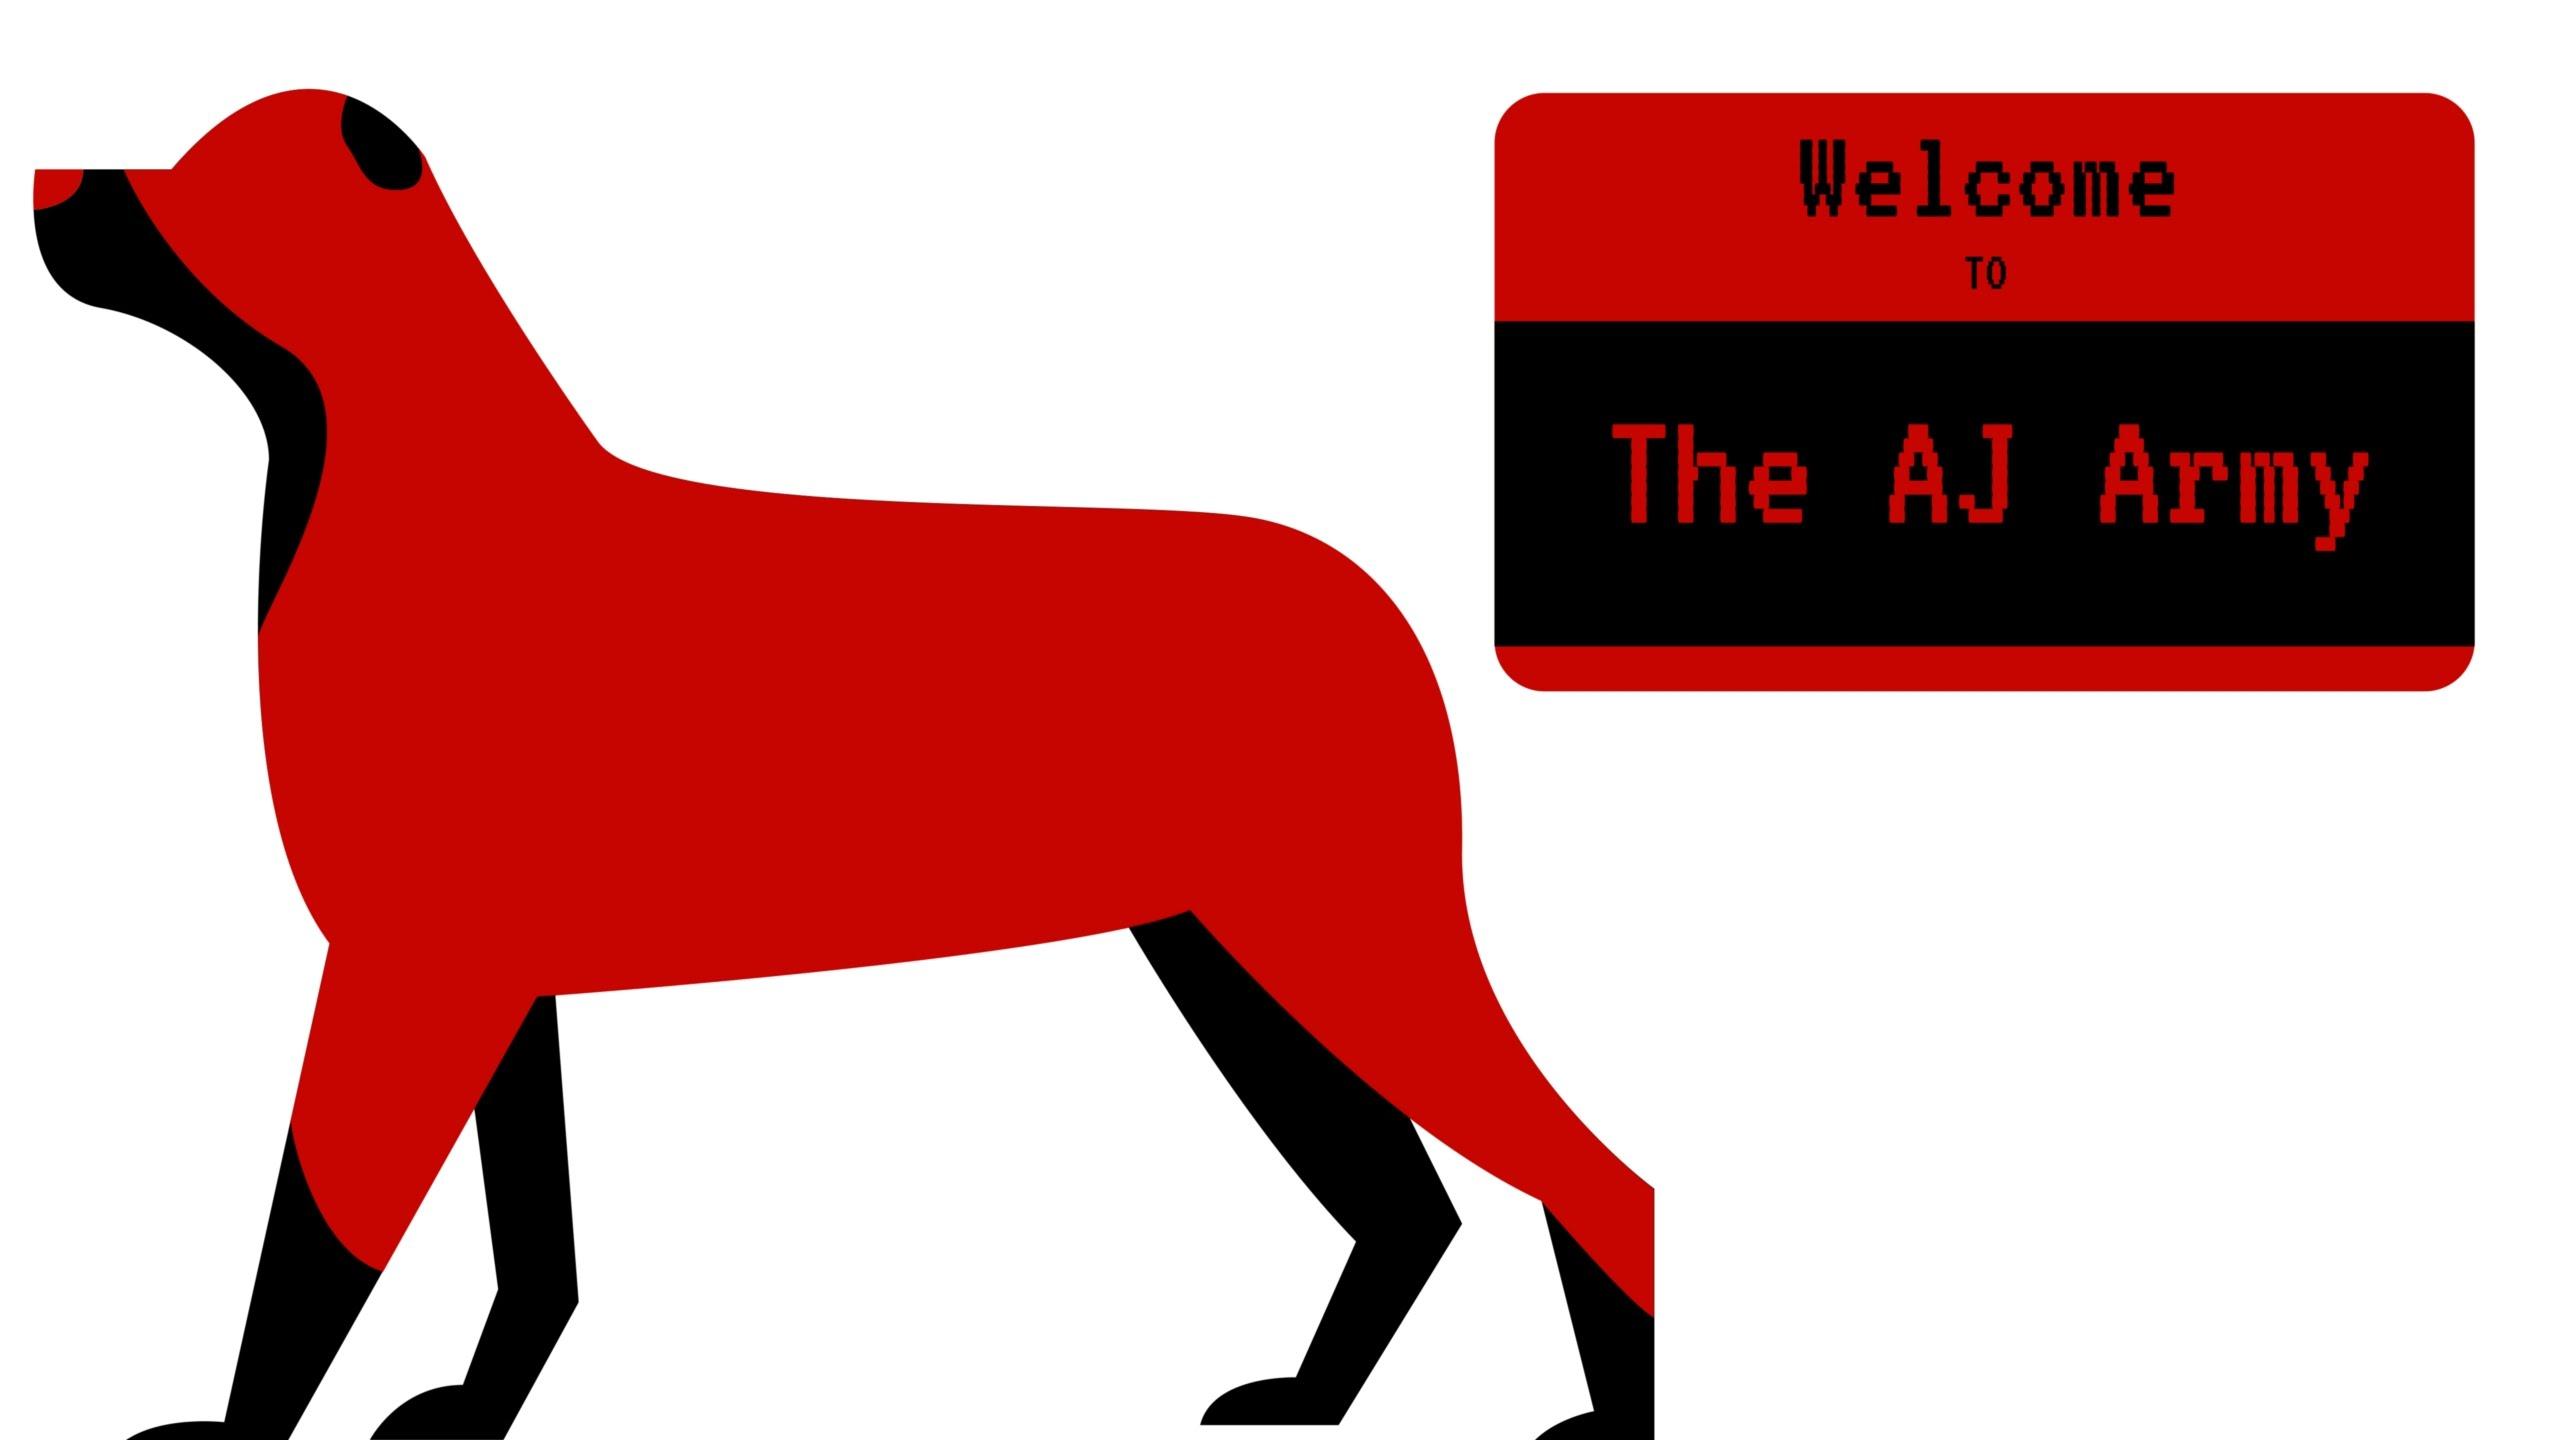 AJ Army.